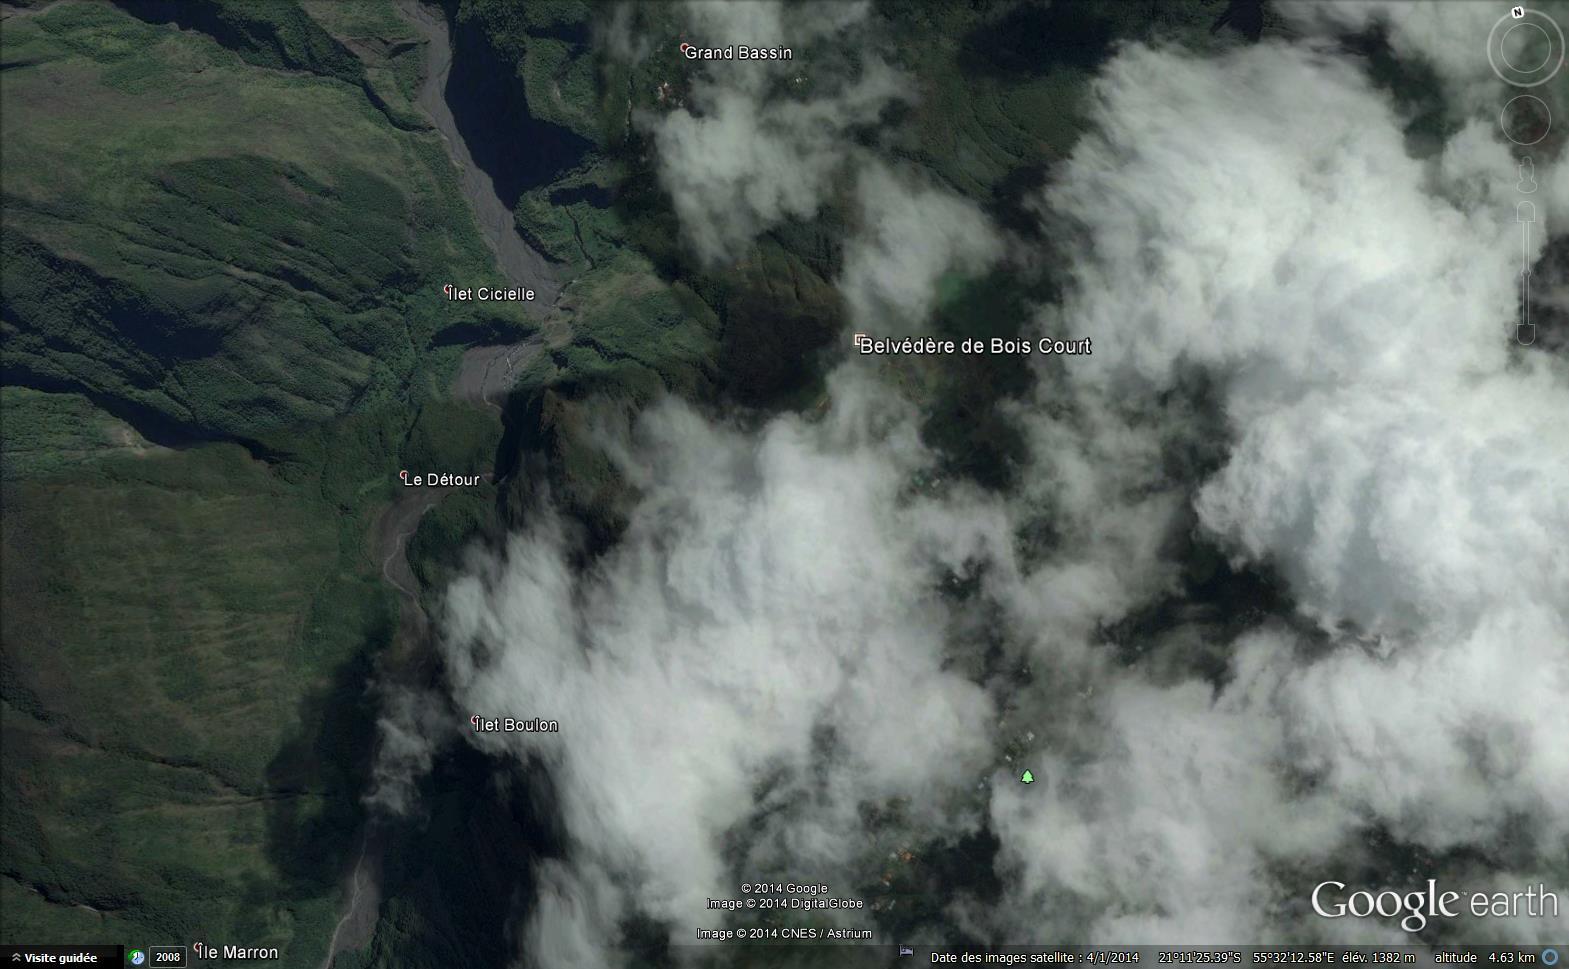 Les colonnes météorologiques  - Page 3 175724belvederedeboiscourt